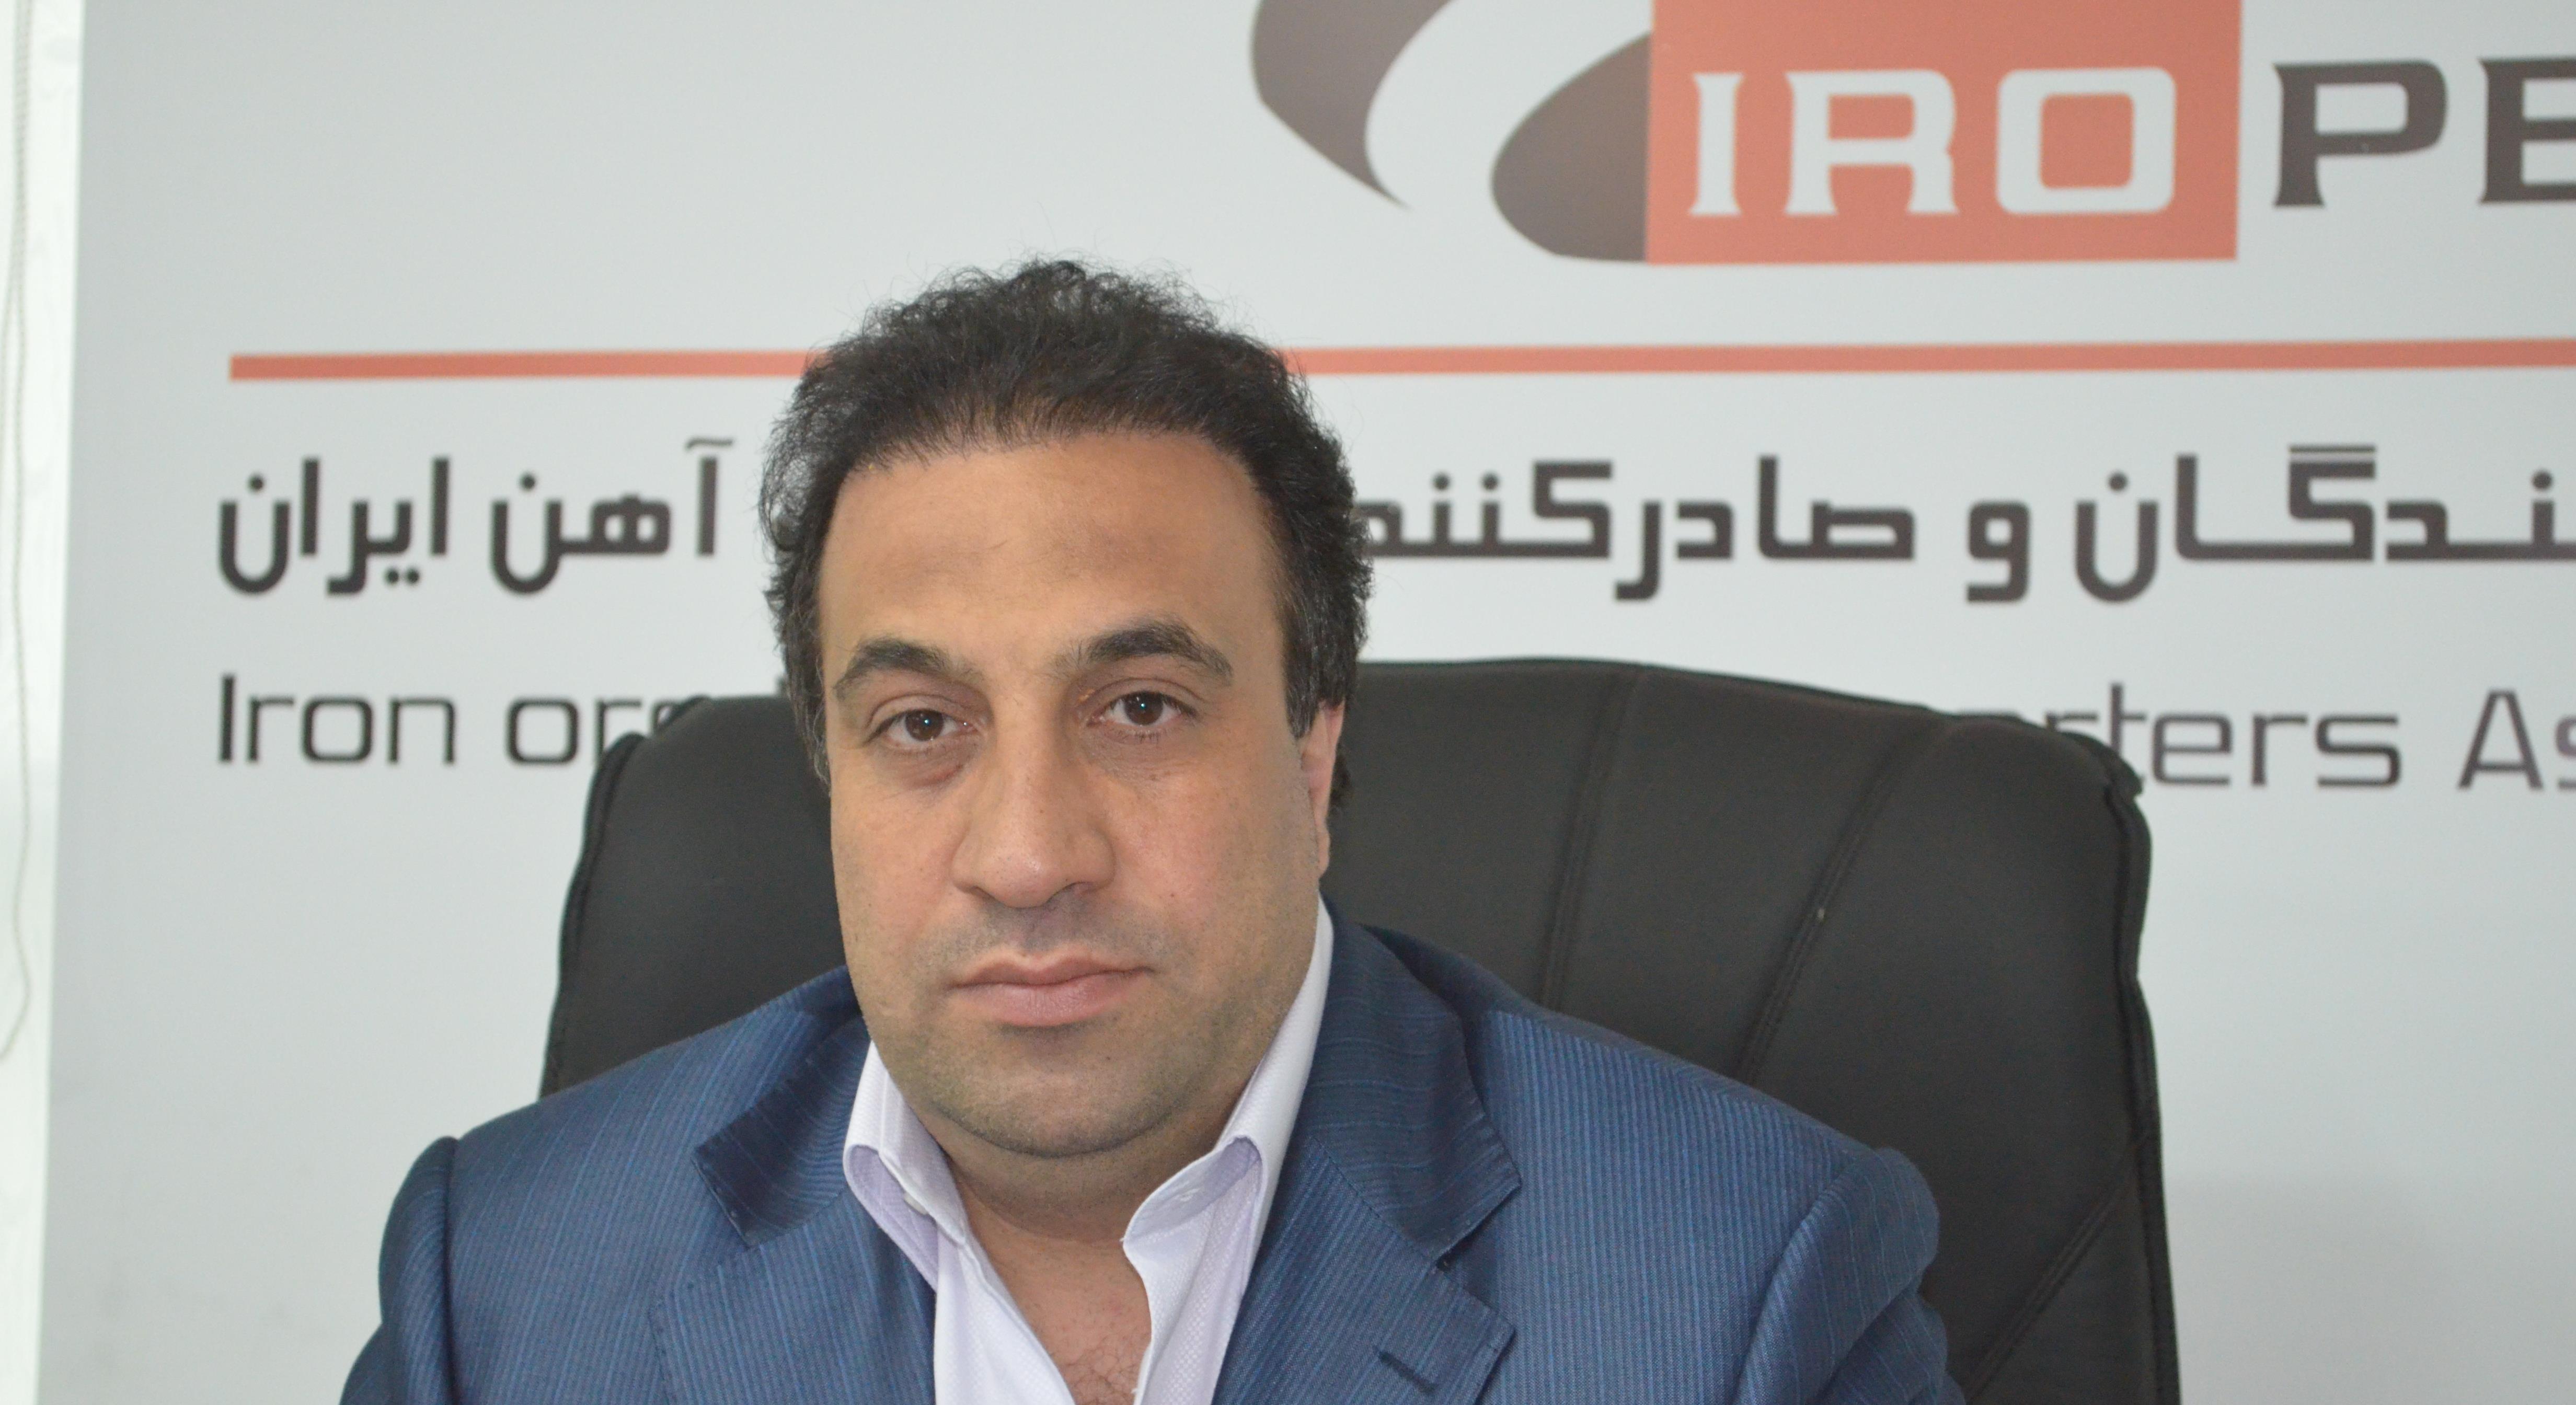 مهرداد اکبریان: مشکل در اجرای قوانین است